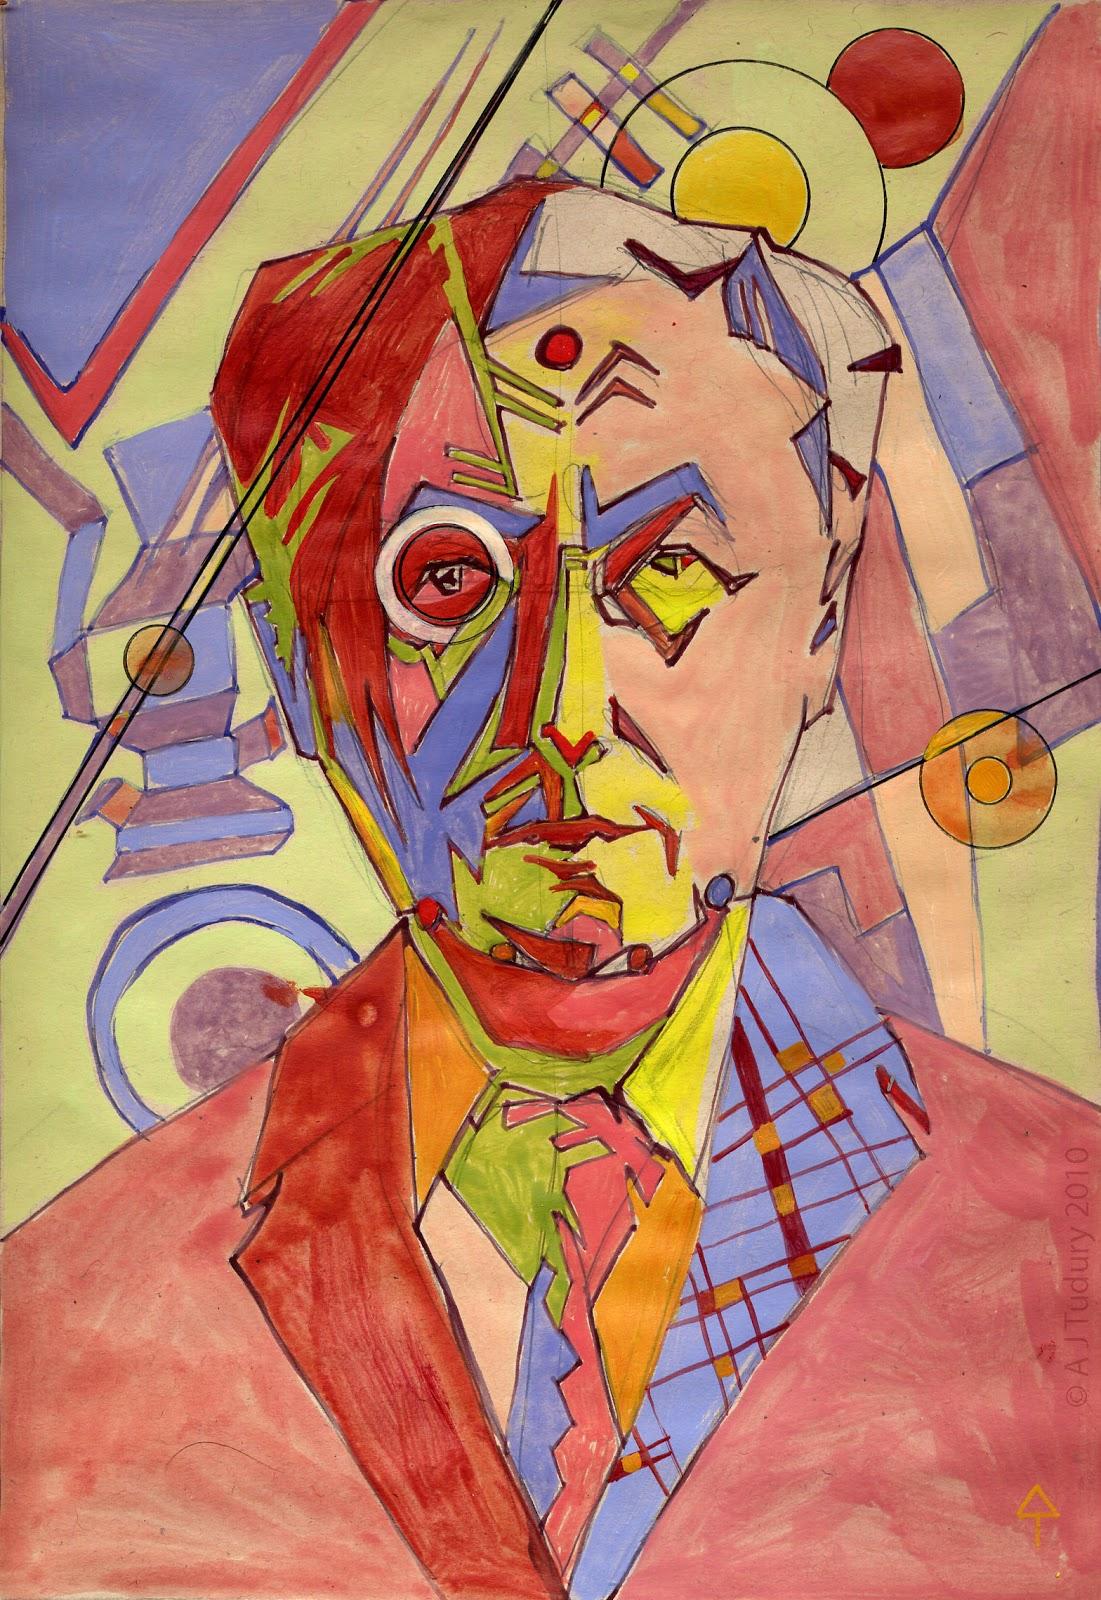 wassily kandinsky Vasíli kandinsky (vasíli o wassily kandinski o kandinsky moscú, rusia, 1866 - neuilly-sur-seine, 1944) pintor de origen ruso (nacionalizado alemán y posteriormente francés), destacado pionero y teórico del arte abstracto.